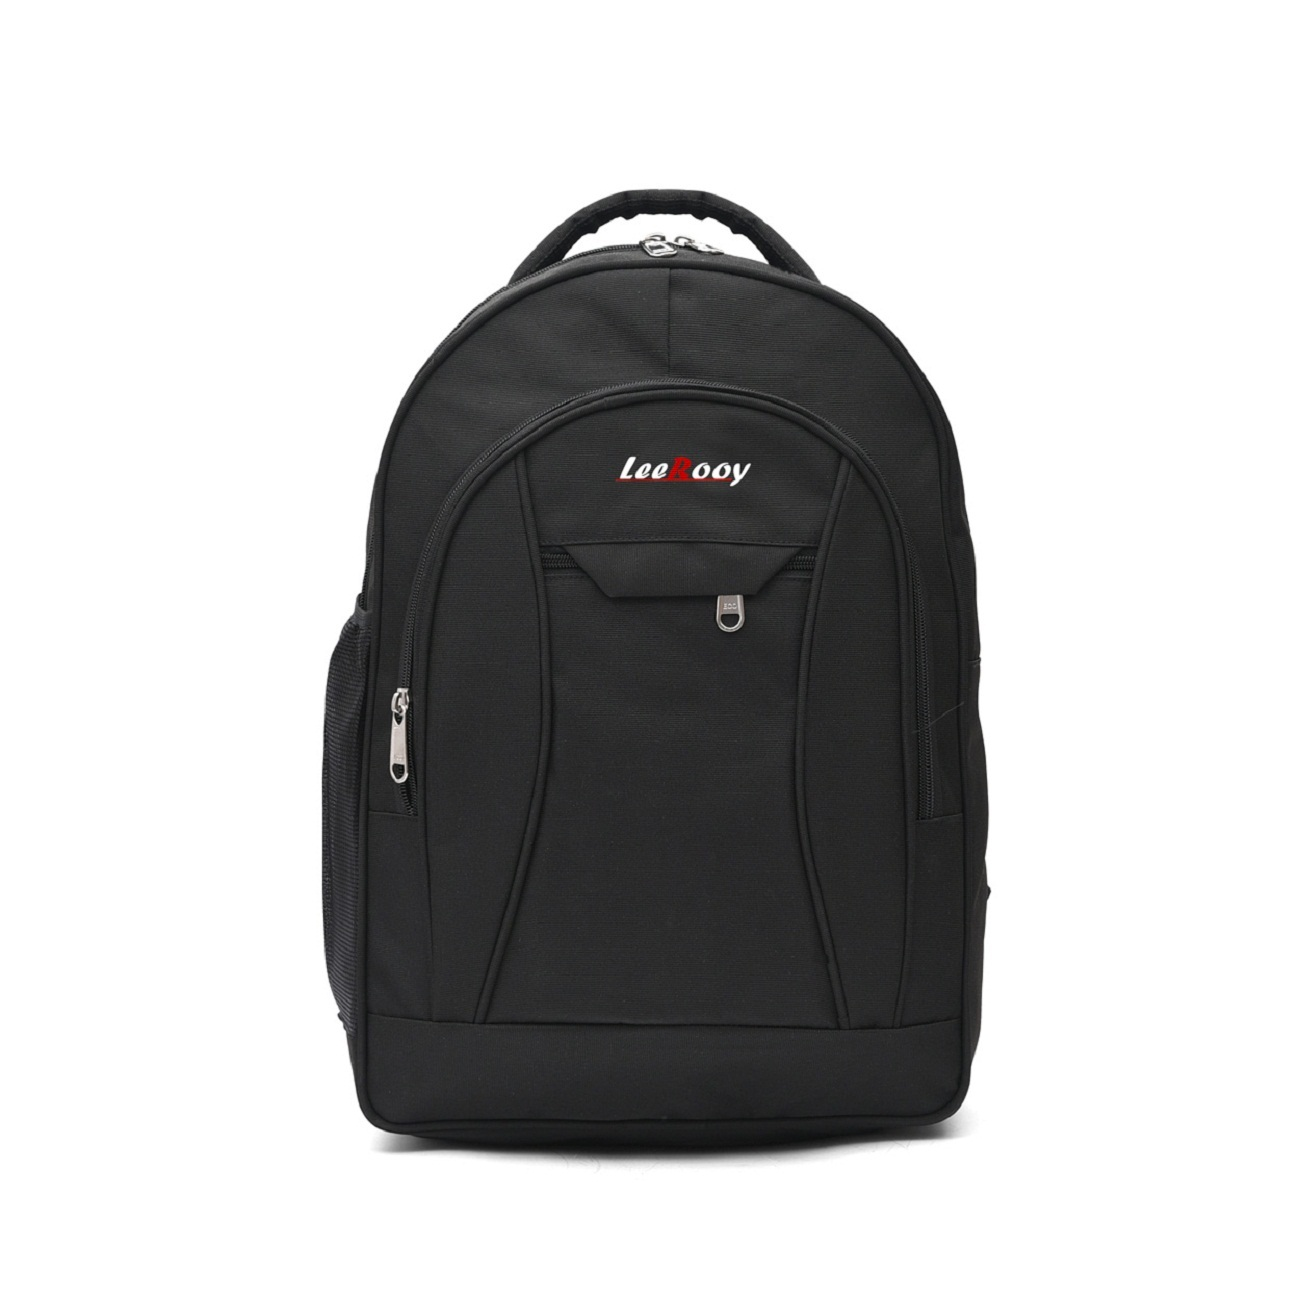 LeeRooy MN Backpack Buy 106 25 L Laptop Backpack  Black